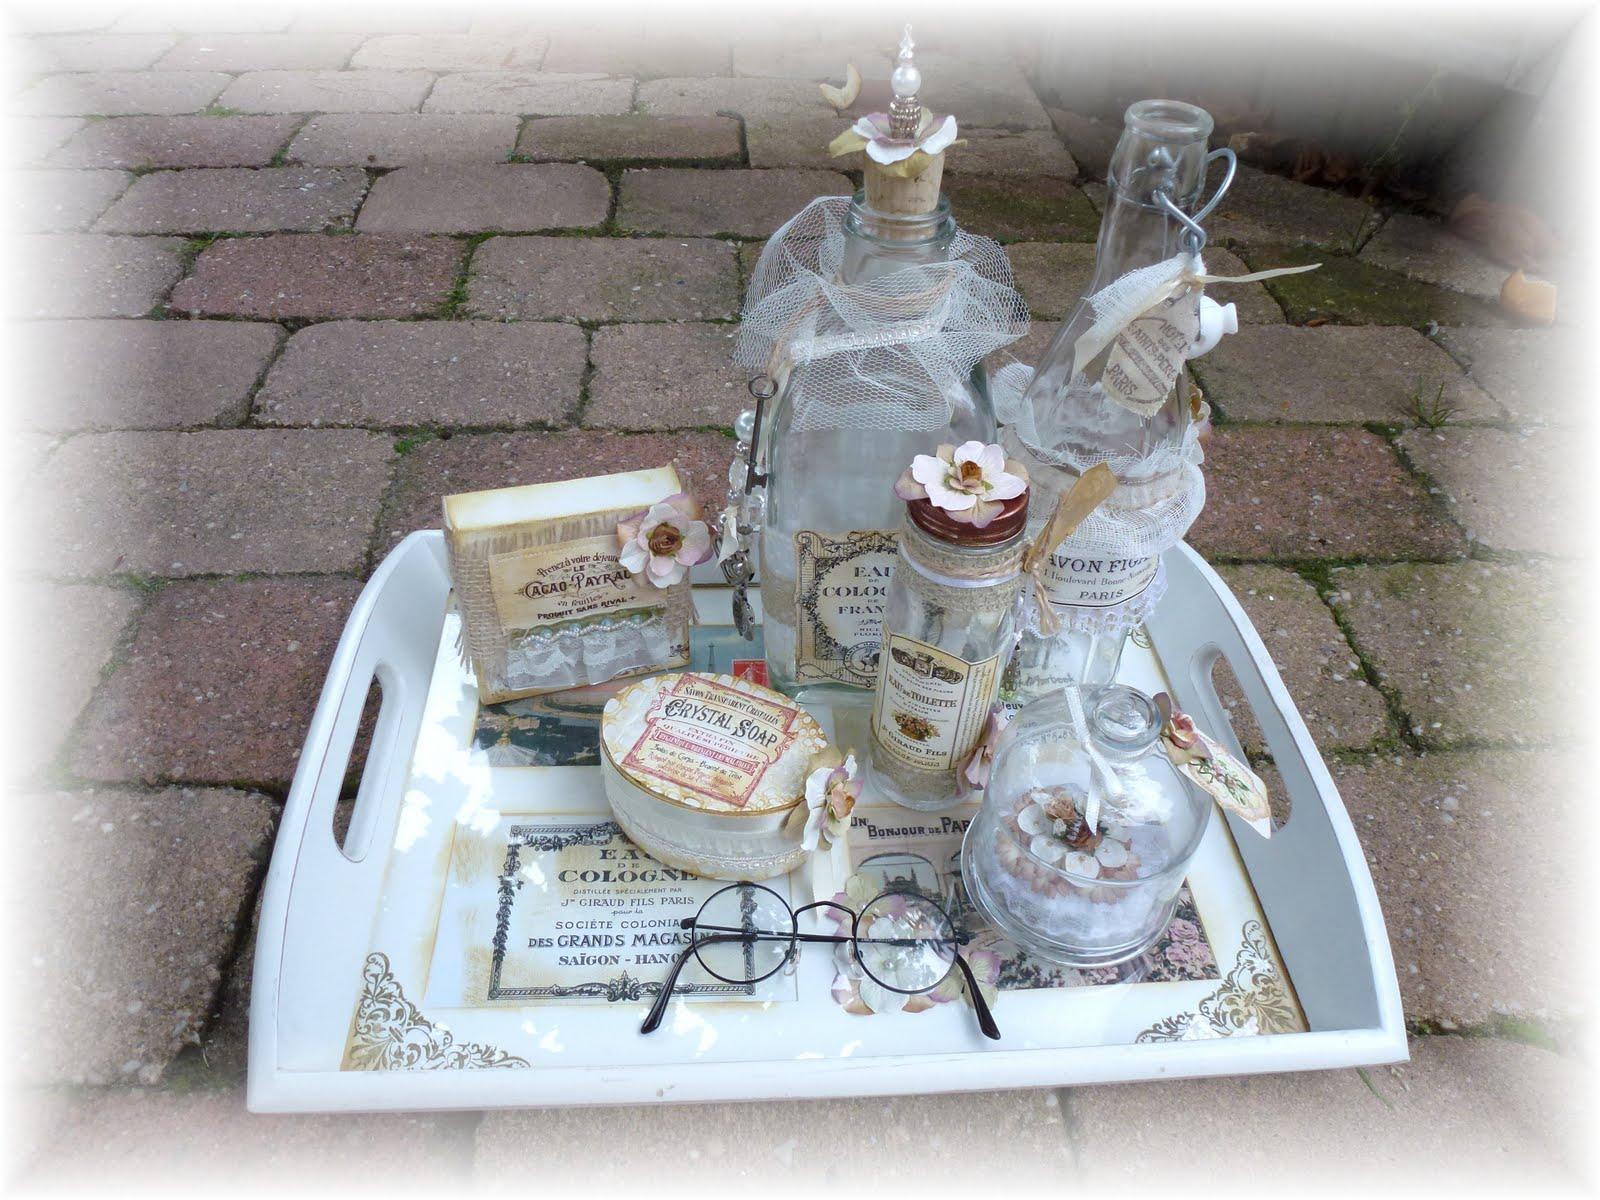 Heb Wedding Cakes 66 New Lekker versieren met kant